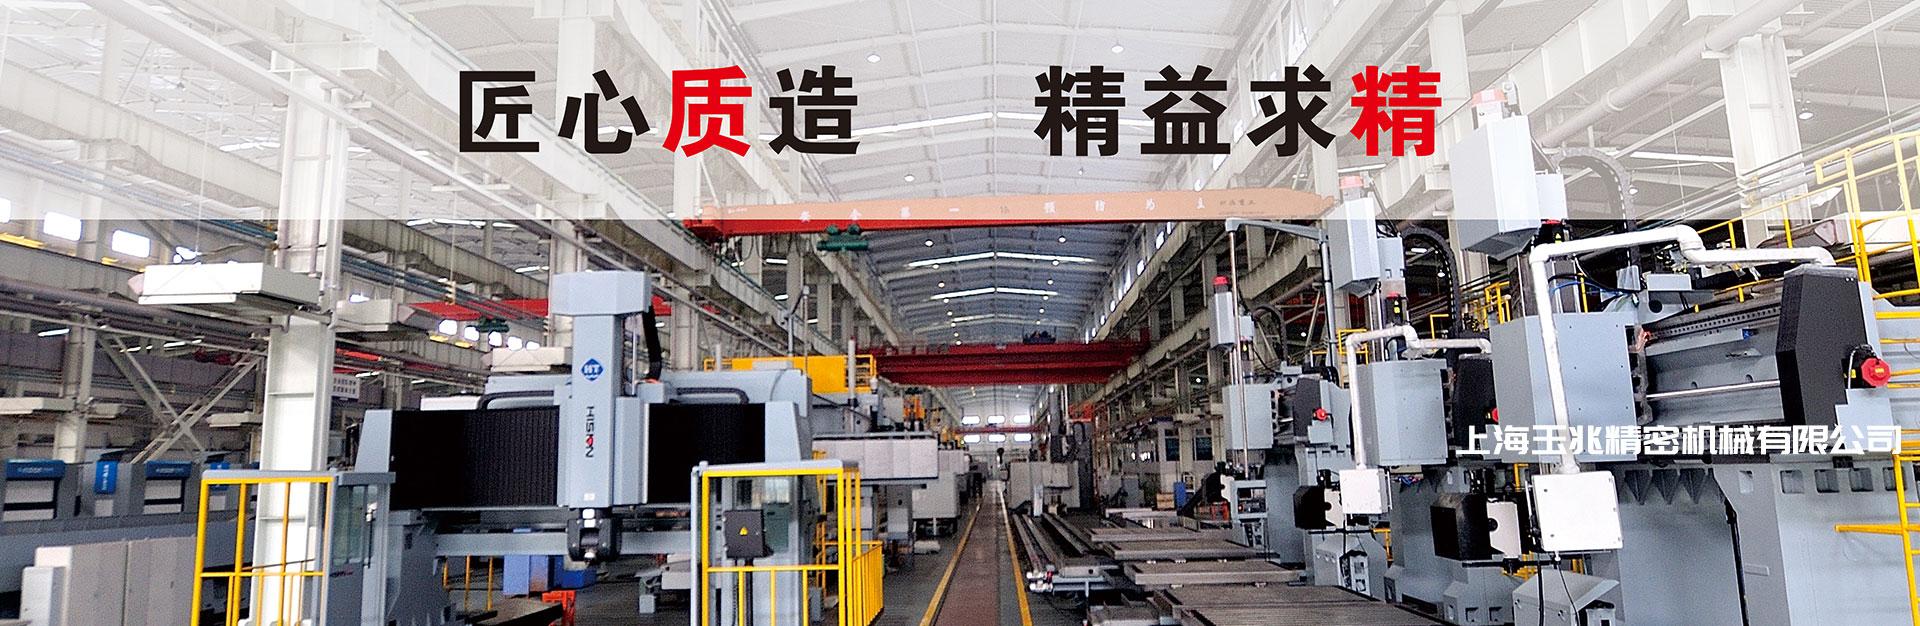 上海玉兆精密机械有限公司